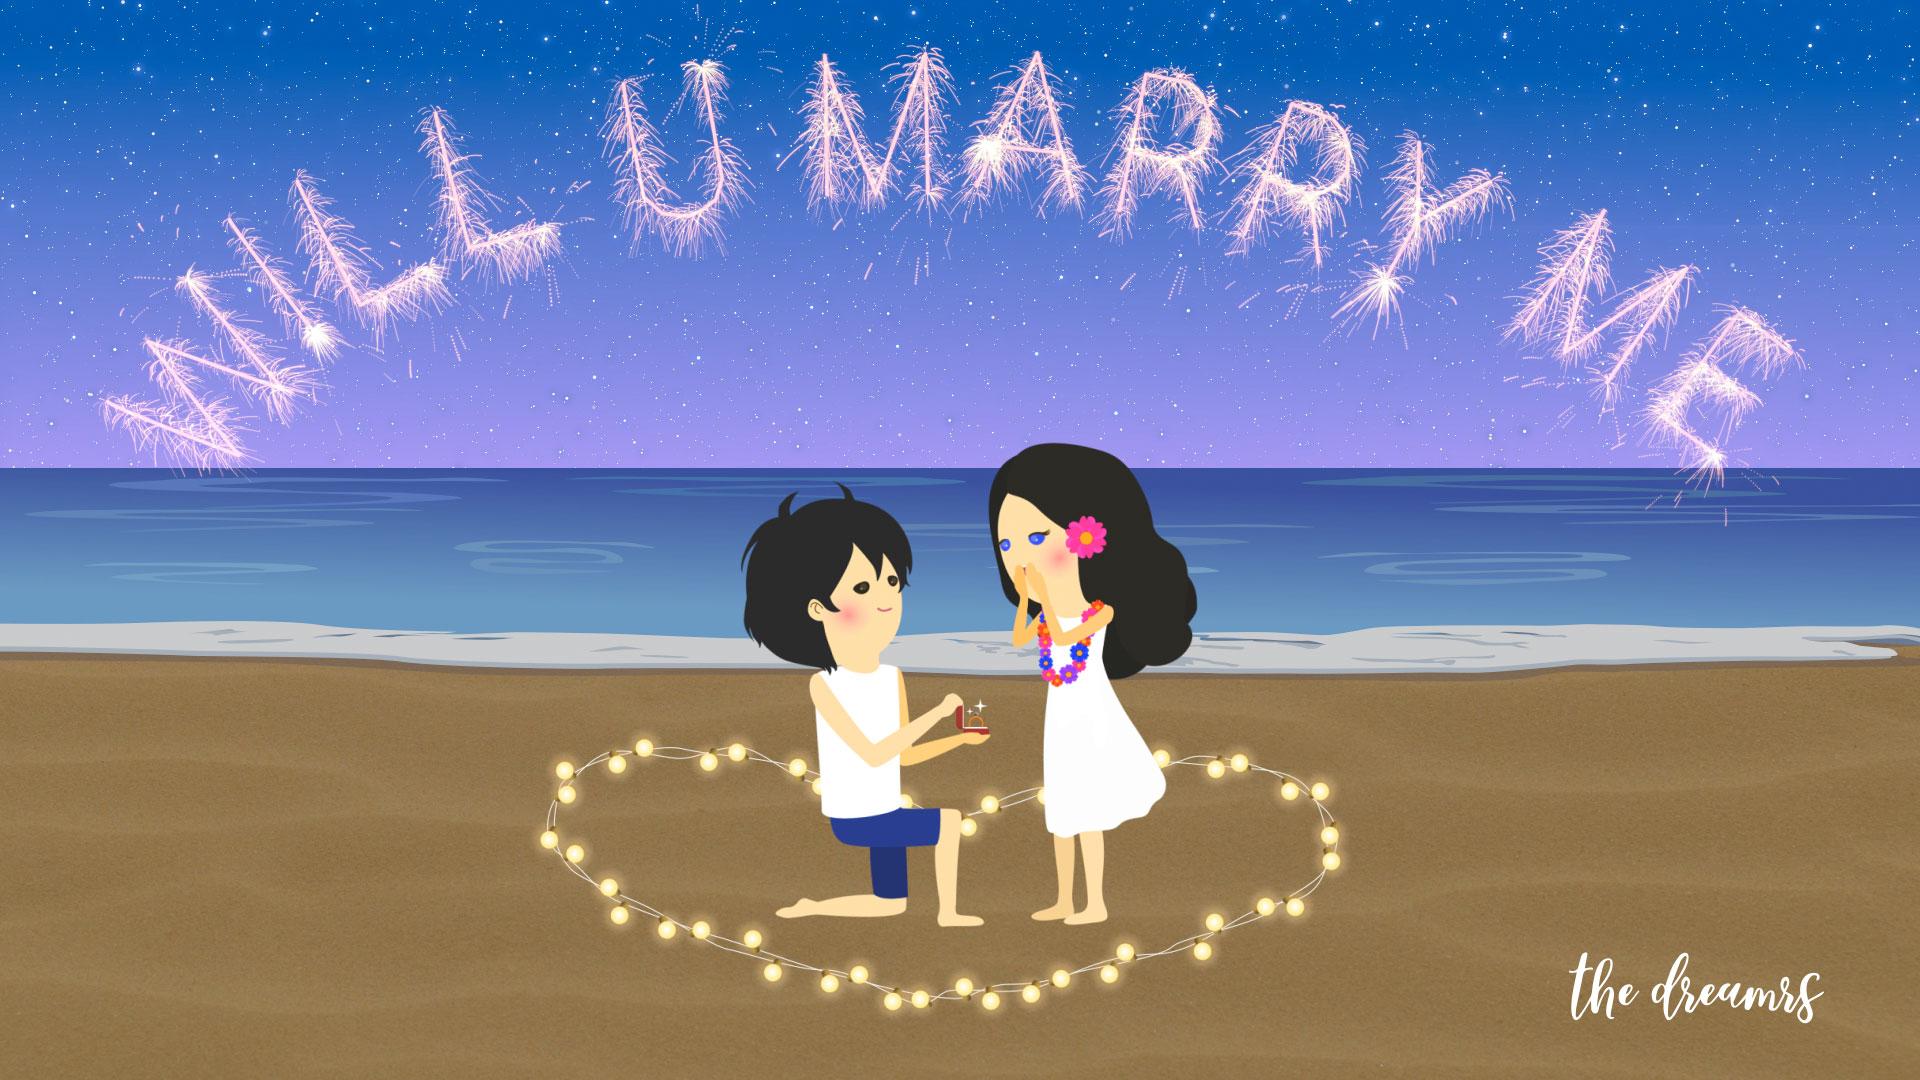 Sparkler-Engagement-watermark.jpg